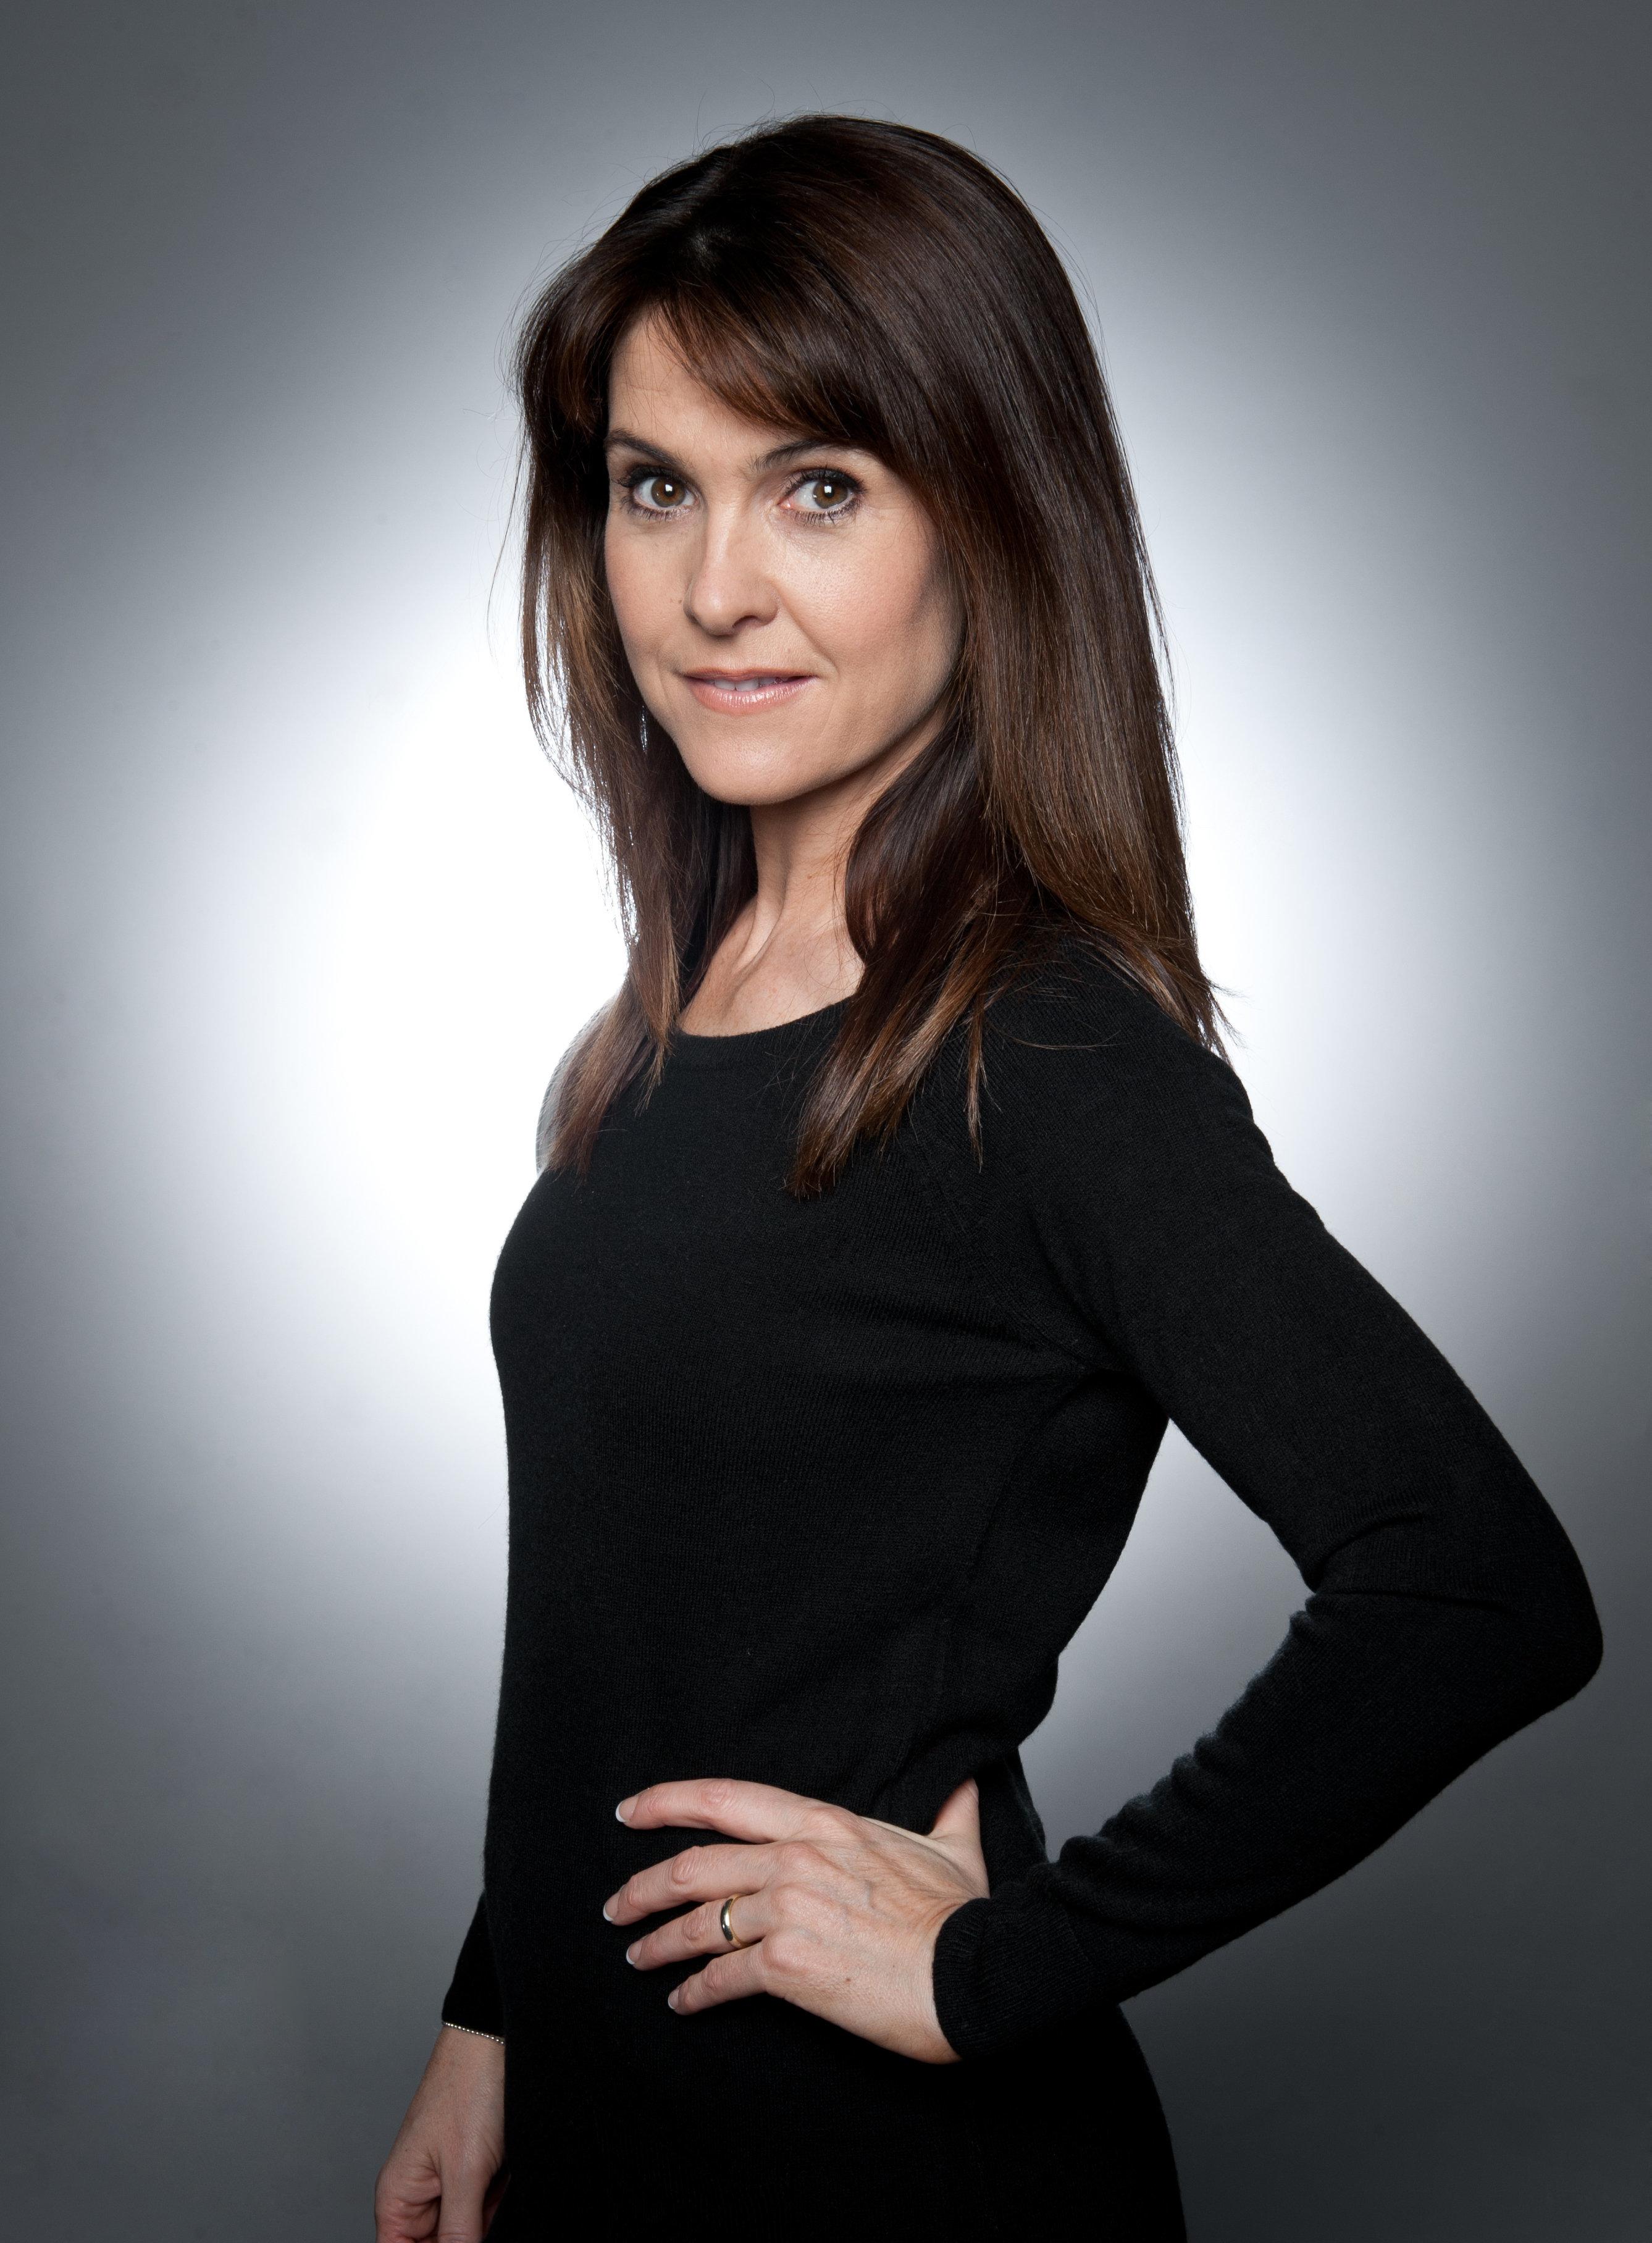 Annette Schwarz